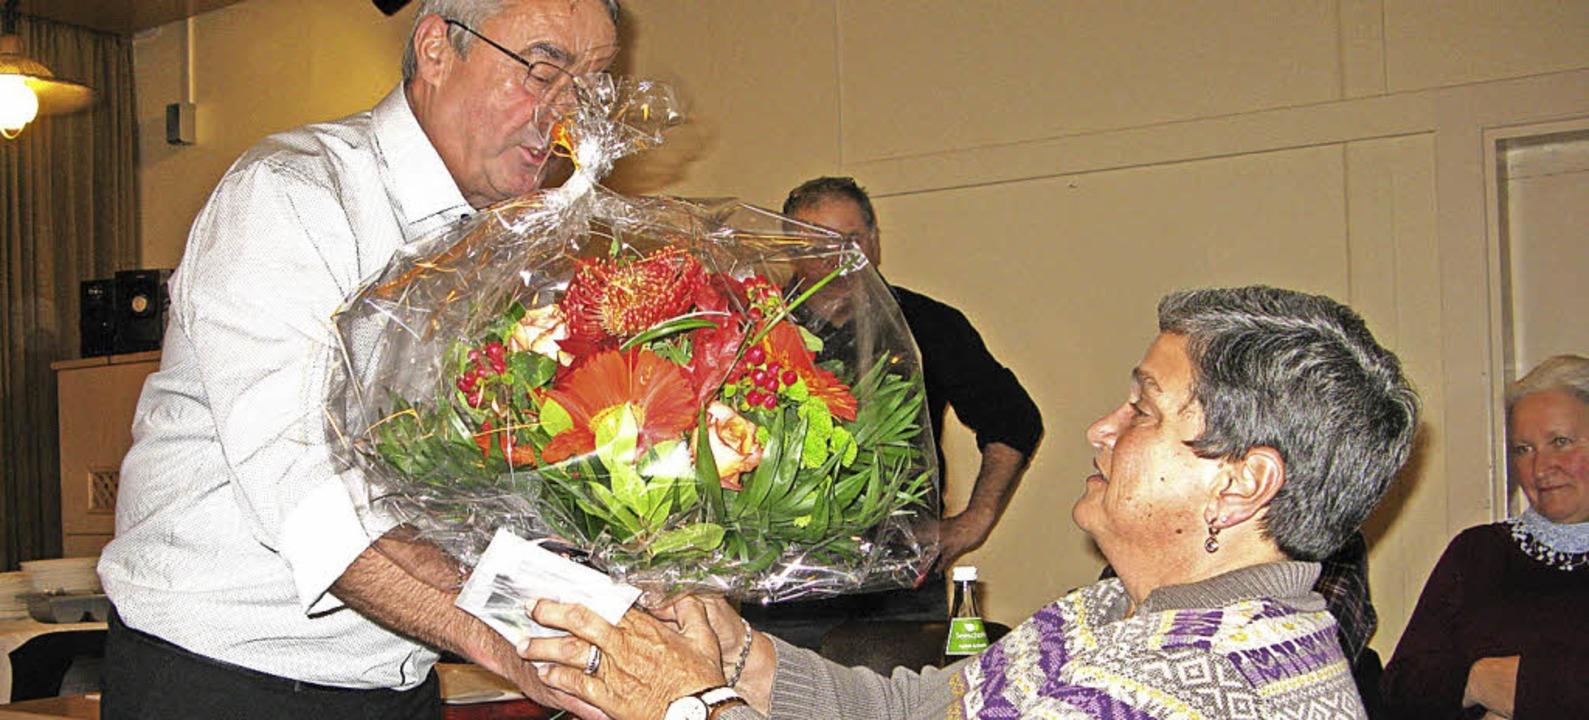 Thomas Gerspacher überreicht Brigitte Baur zum Abschied ein Blumengebinde.  | Foto: Ulrike Spiegelhalter